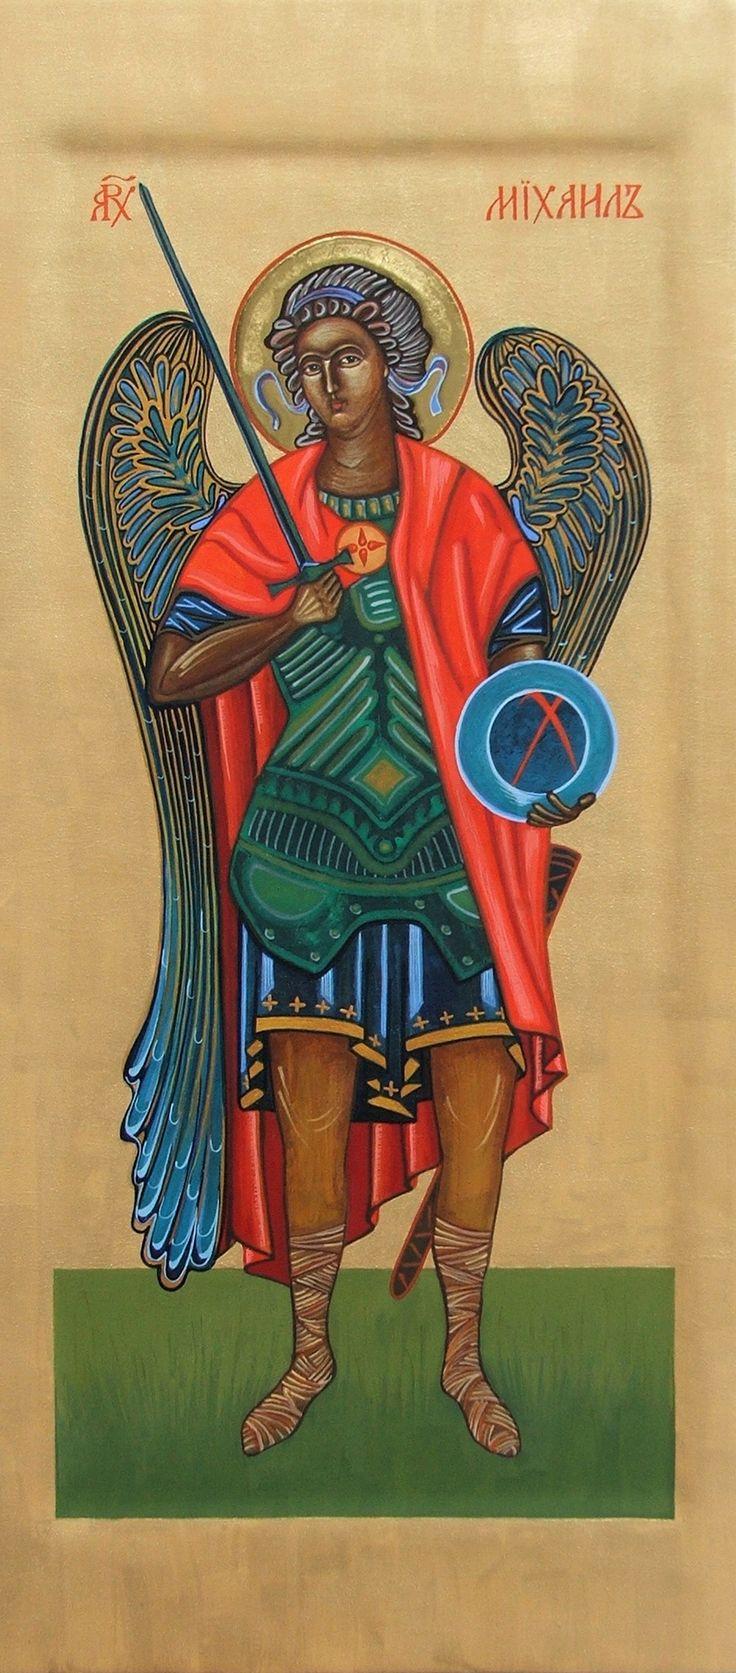 Ikona+Archanioła+Michała+wykonana+w+tradycyjnej+technice+tempery+jajecznej+na+desce,+napisana+pigmentami+mineralnymi+na+gruncie+kredowo-klejowym,+przedstawia+Archanioła+Michała+odzianego+w+purpurowy+płaszcz,+trzymającego+miecz+i+glob+ziemski+z+inicjałami+Chrystusa.